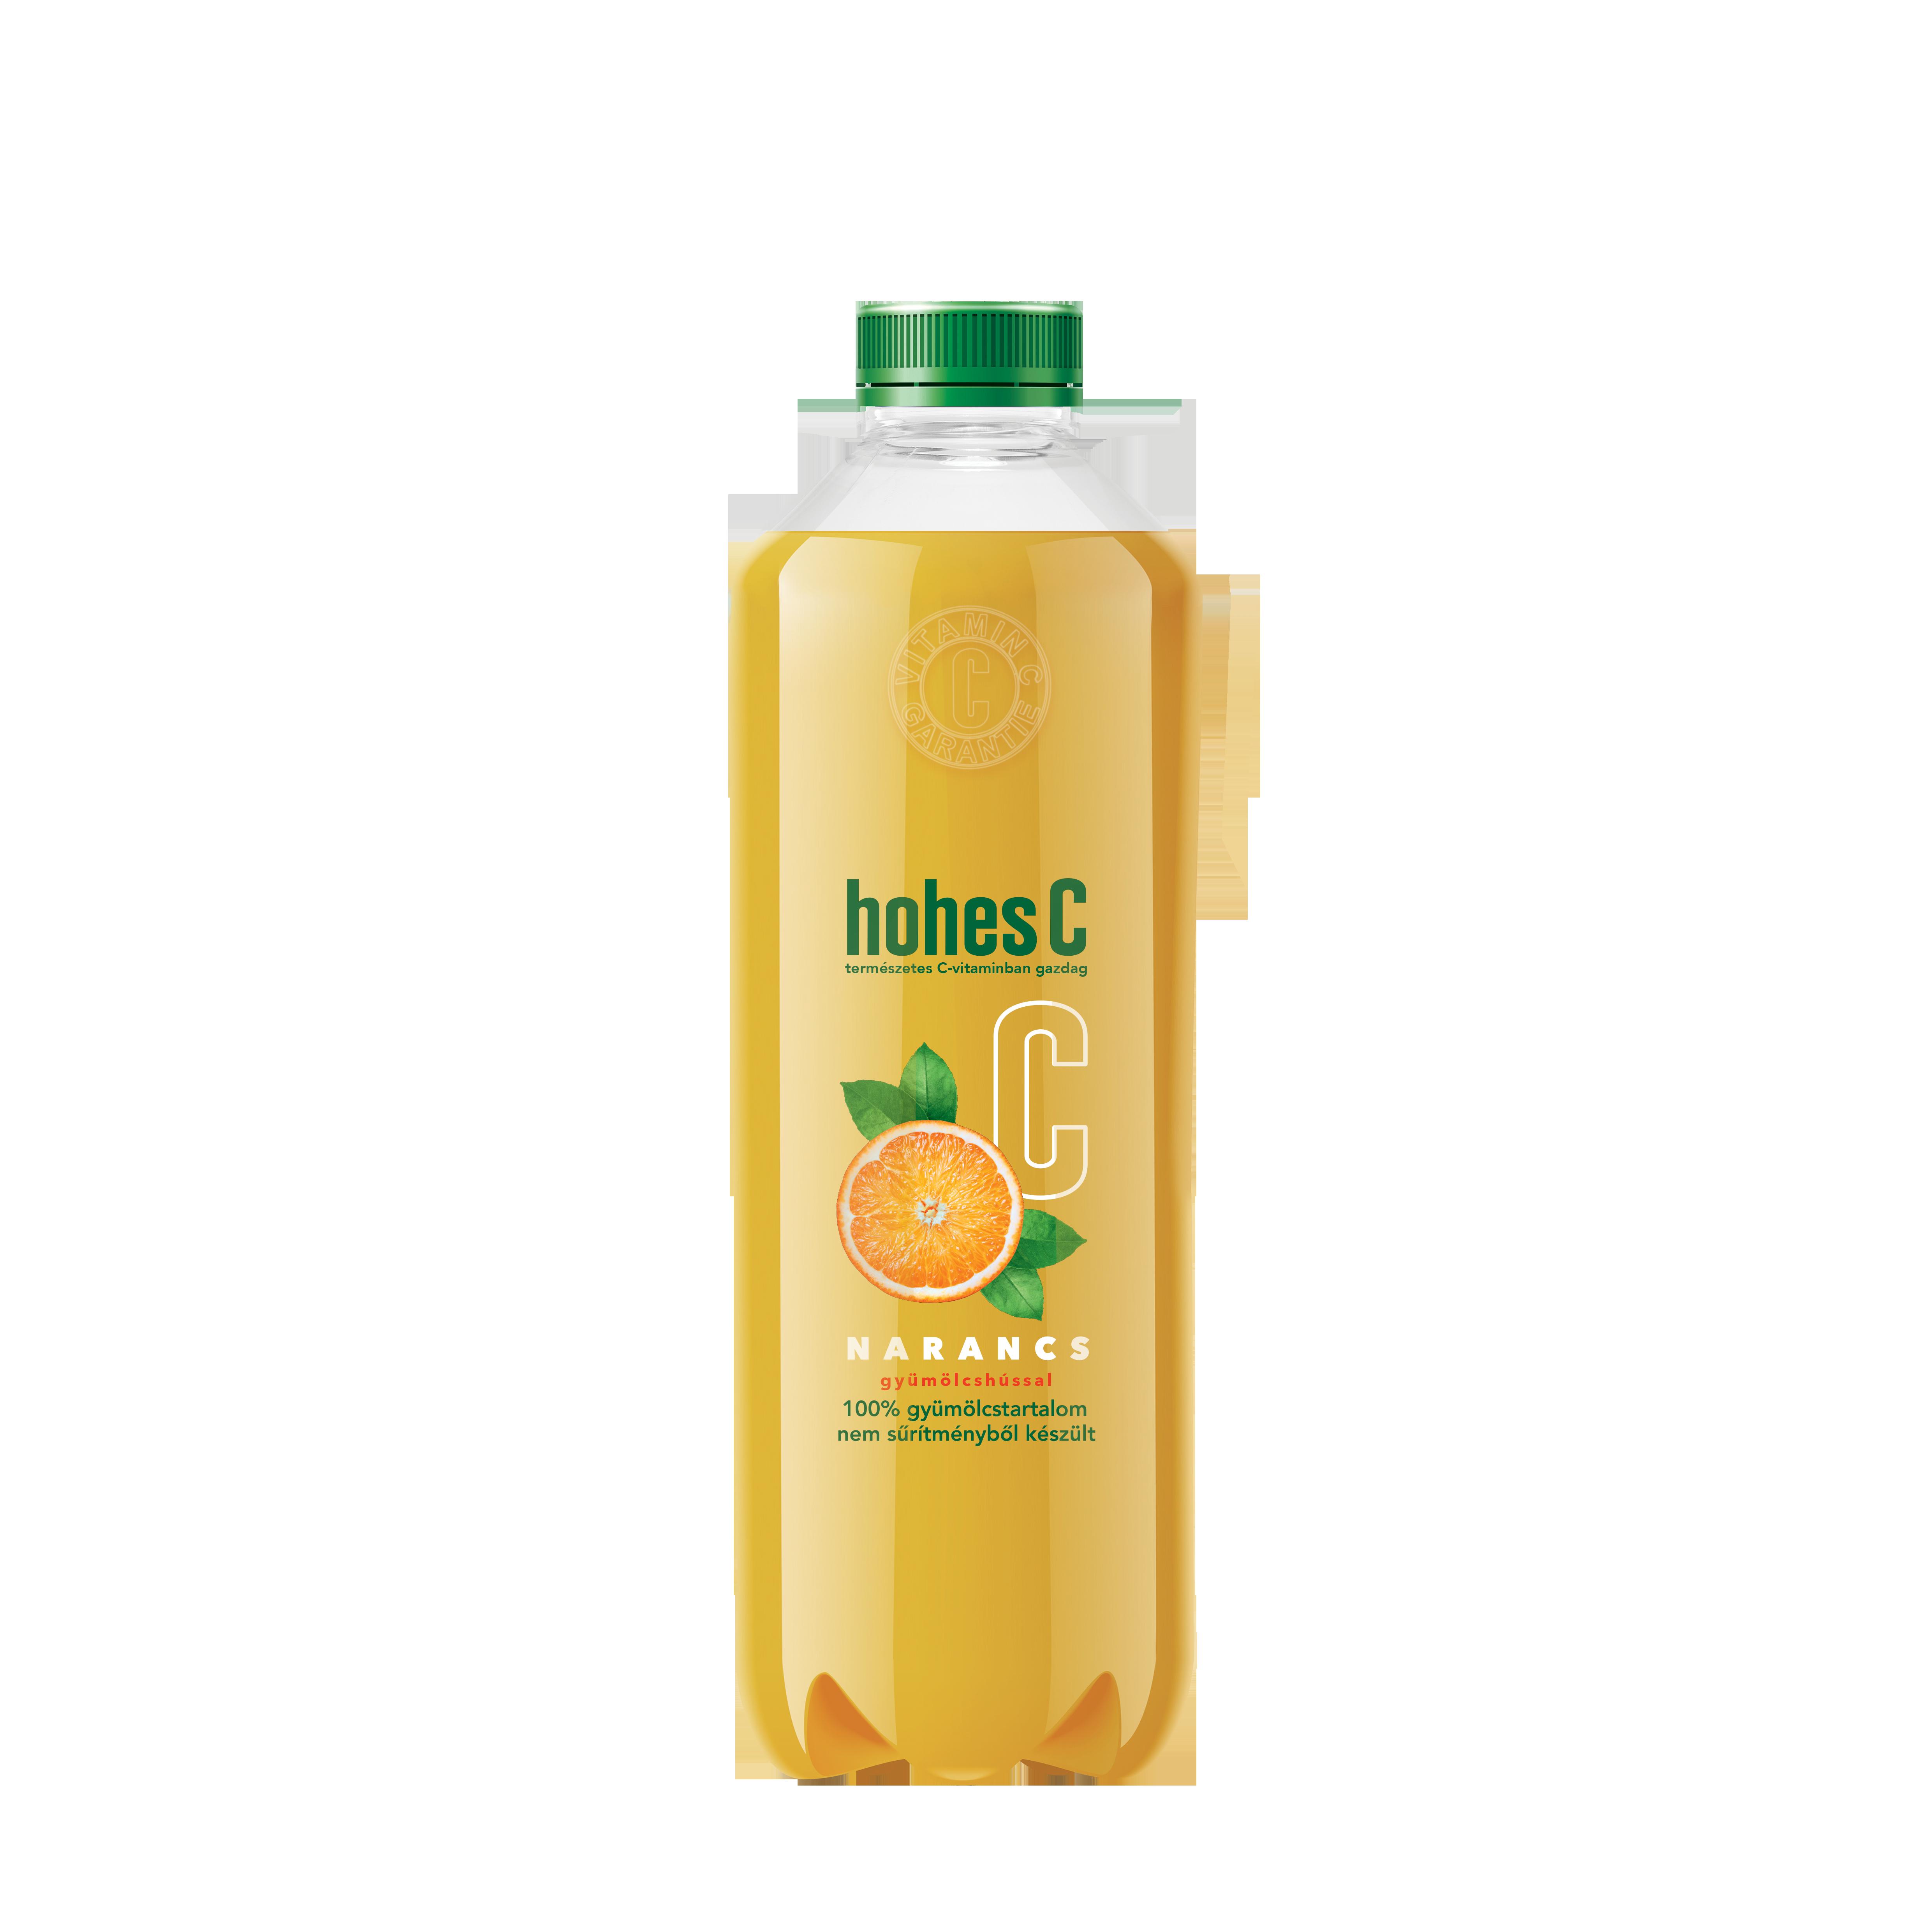 HOHES C Narancs gyümölcshússal hűtött 0,75L